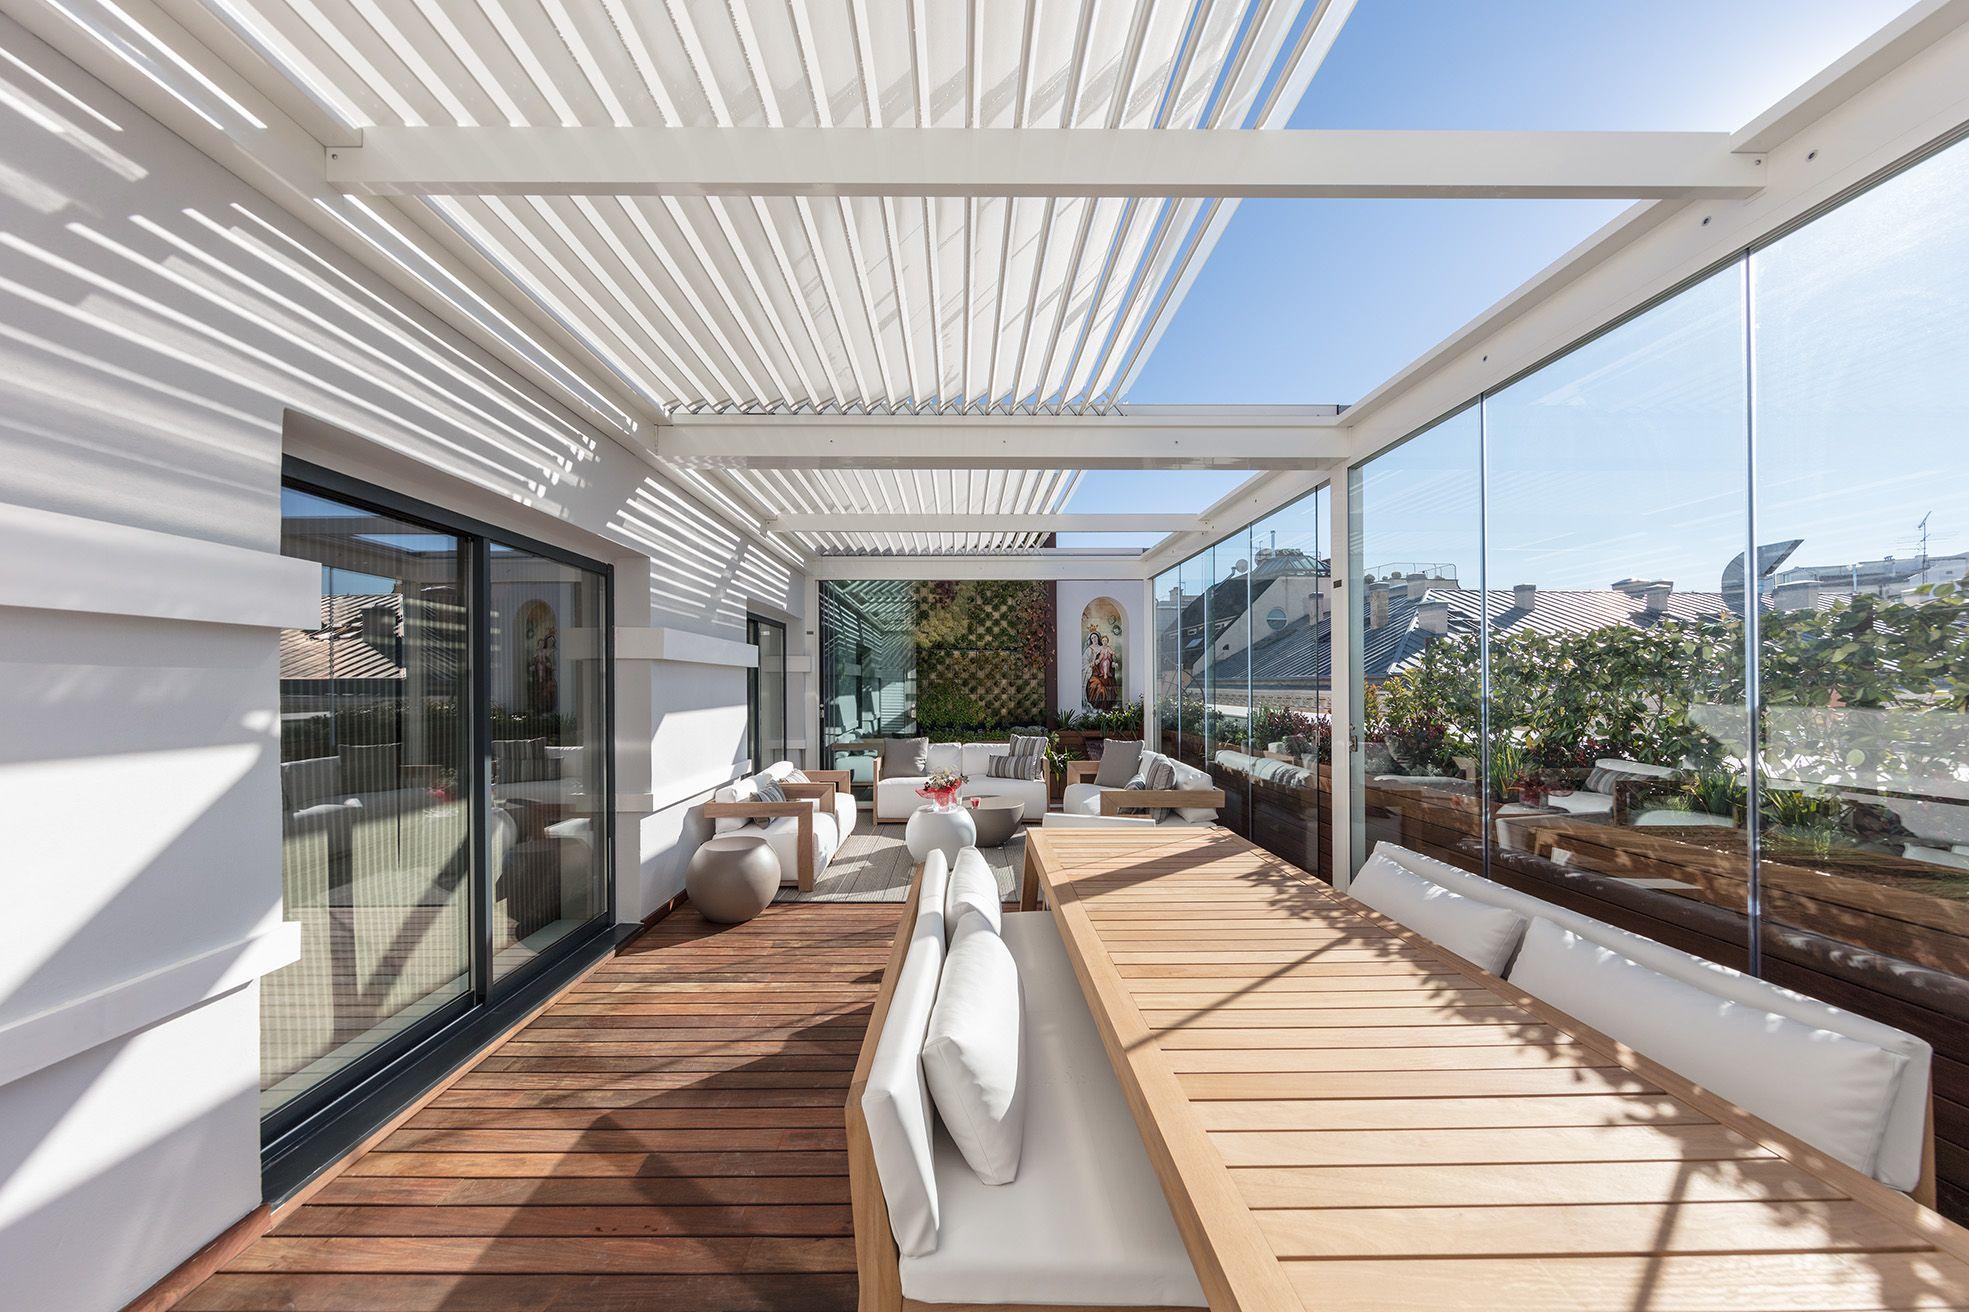 Terraza con pérgola bioclimática